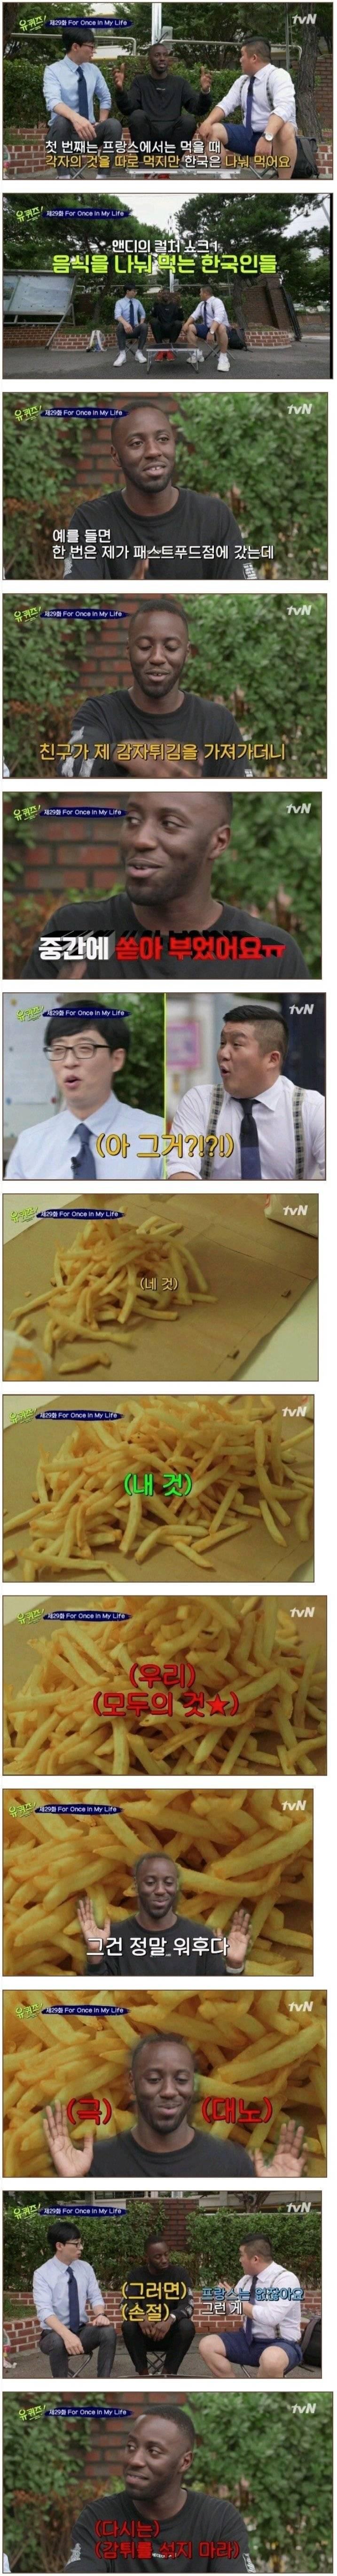 한국에서 감자튀김 먹다 놀란 프랑스사람.JPG | 인스티즈